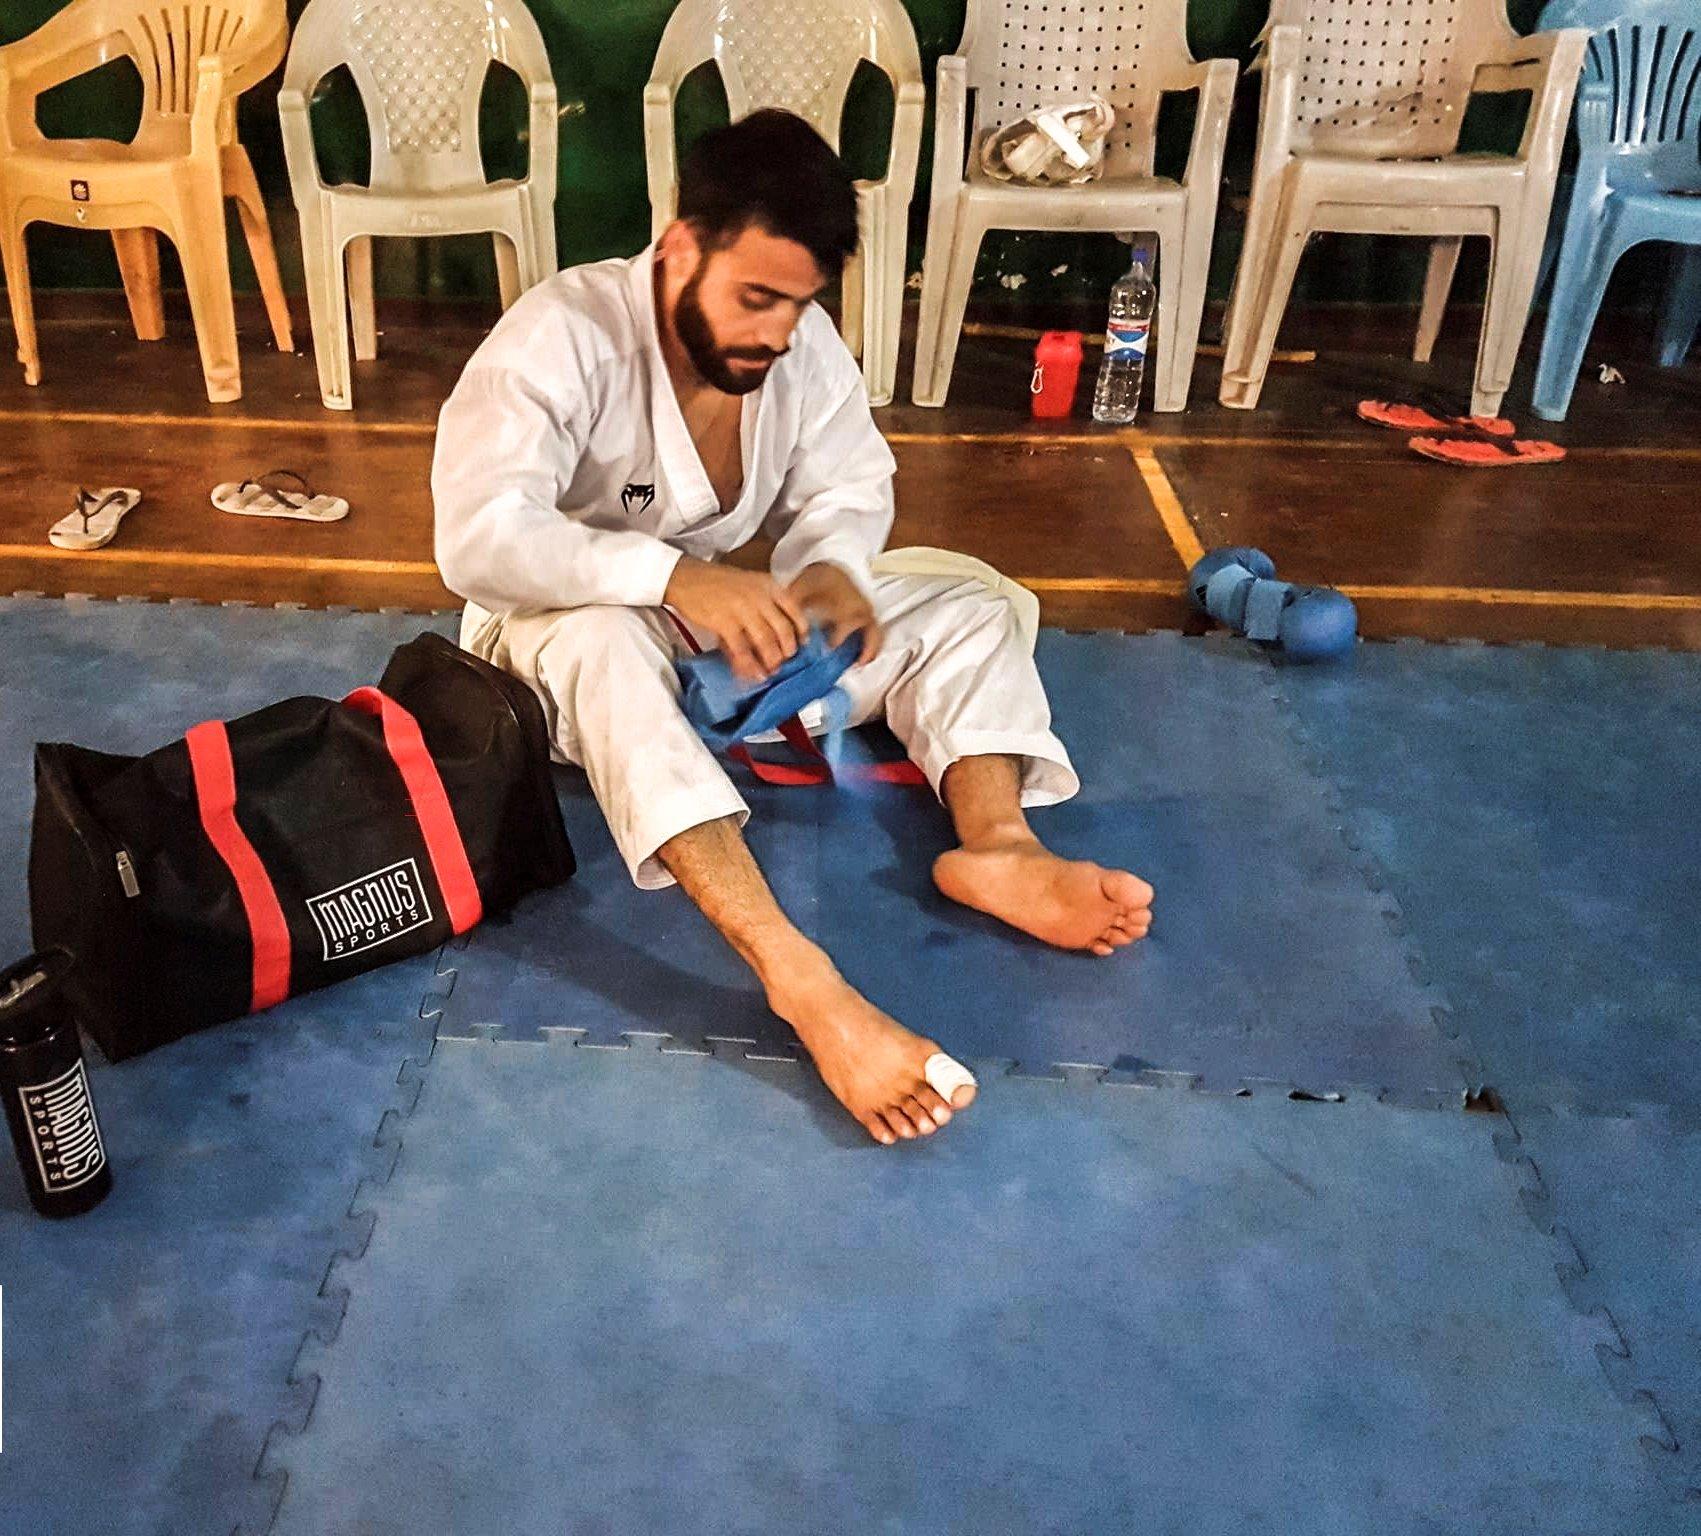 pakistan s saadi abbas breaks into top 10 in karate1 premier league